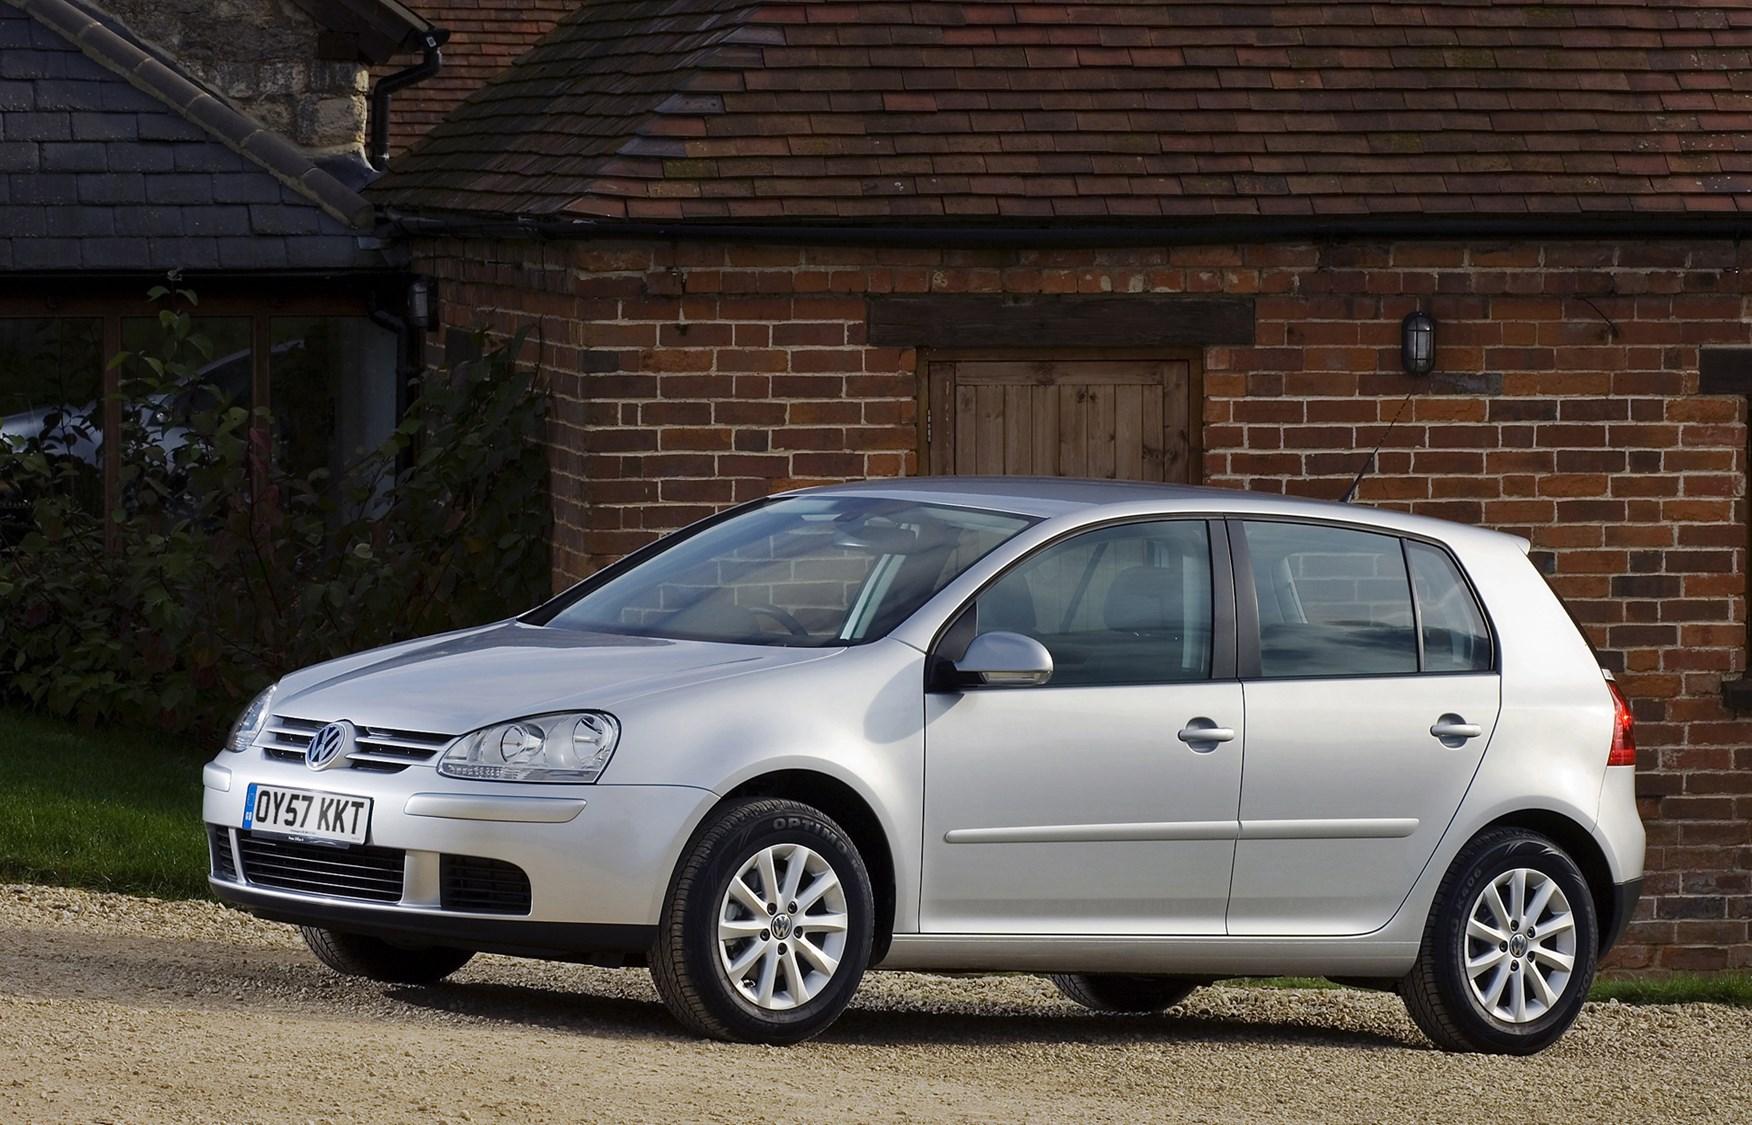 0b091b6af3 Volkswagen Golf Hatchback (2004 - 2008) Features